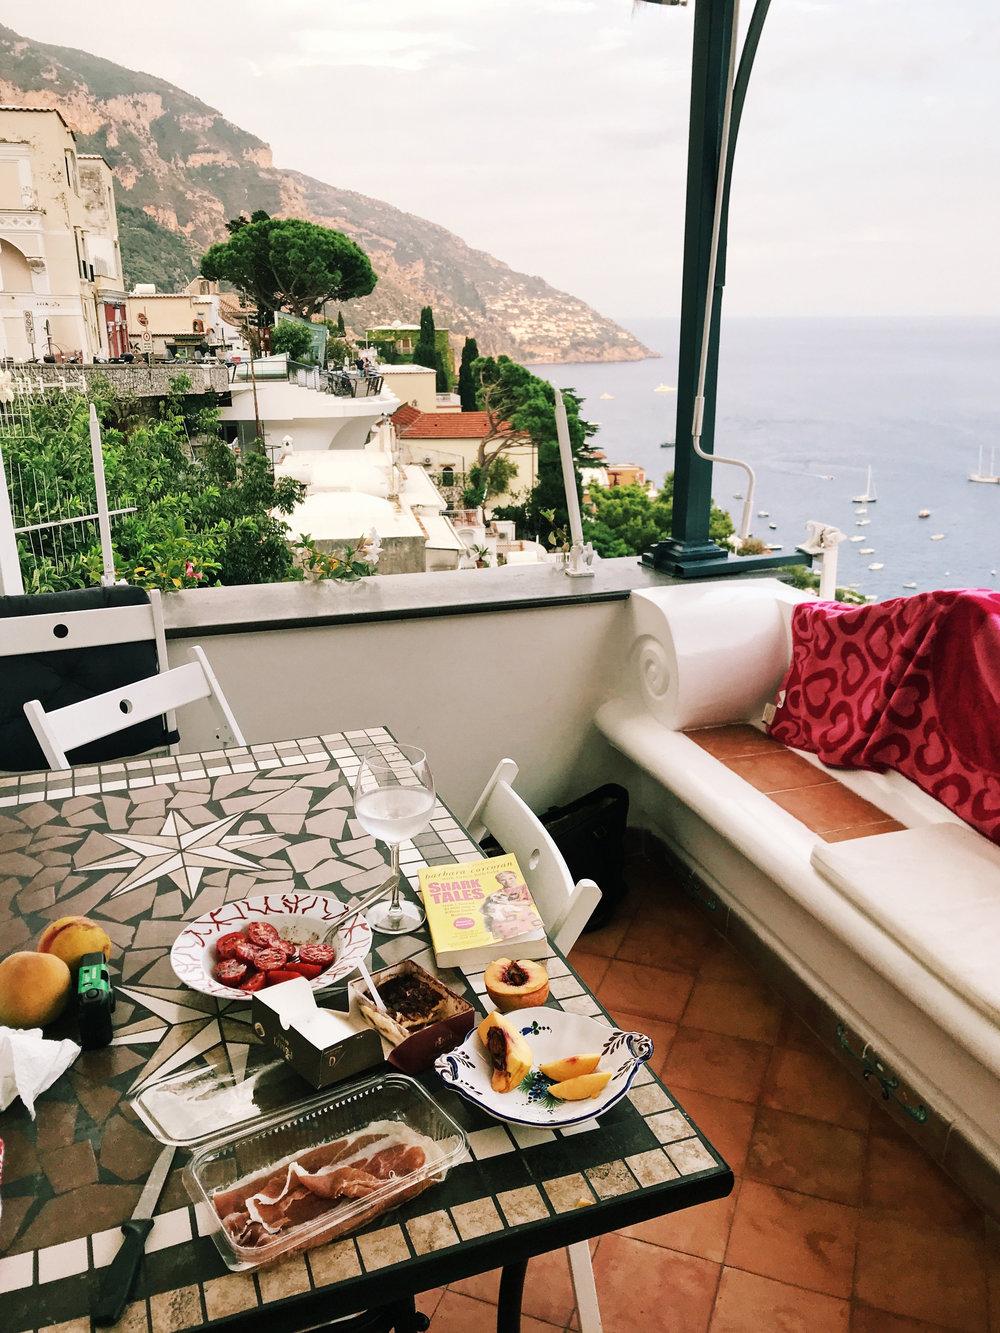 Italy-Positano-Rome-Amalfi-Coast-Lena-Mirisola-57.JPG